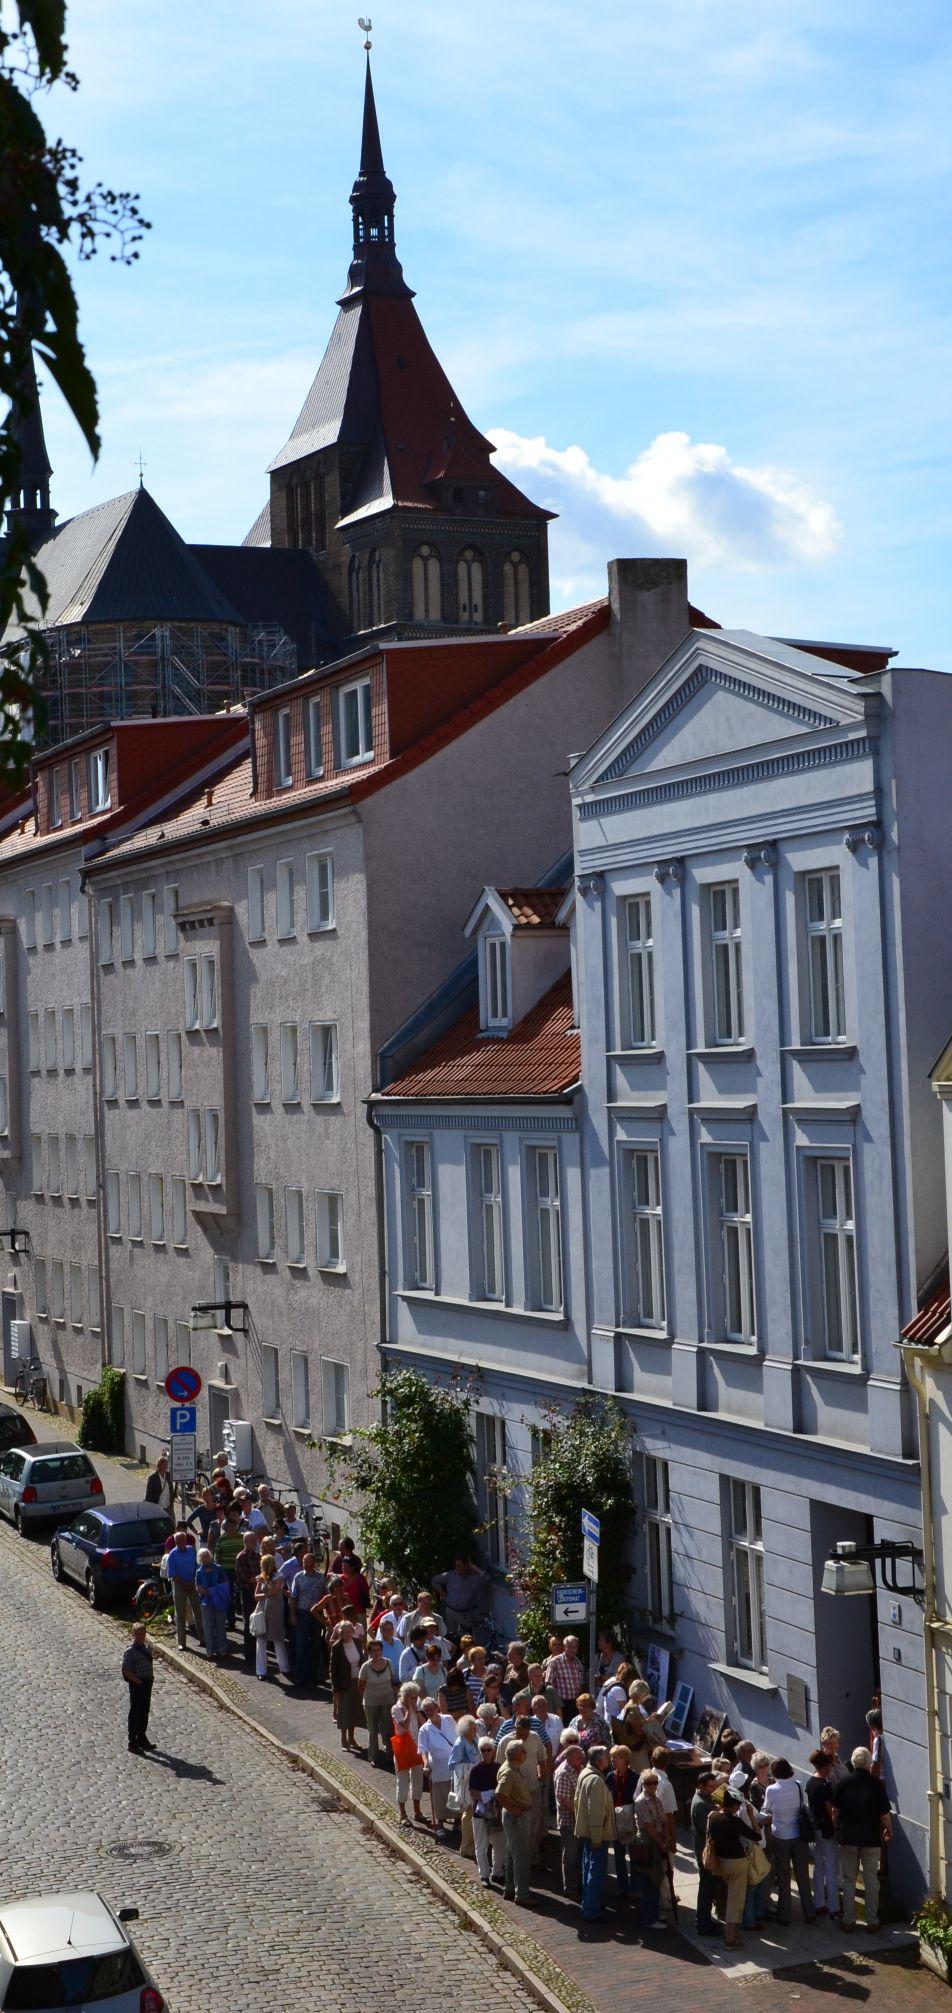 Wohn- und Geschäftshaus in der Koßfelderstraße am Tag des offenen Denkmals in Rostock - im Hintergrund die Marienkirche